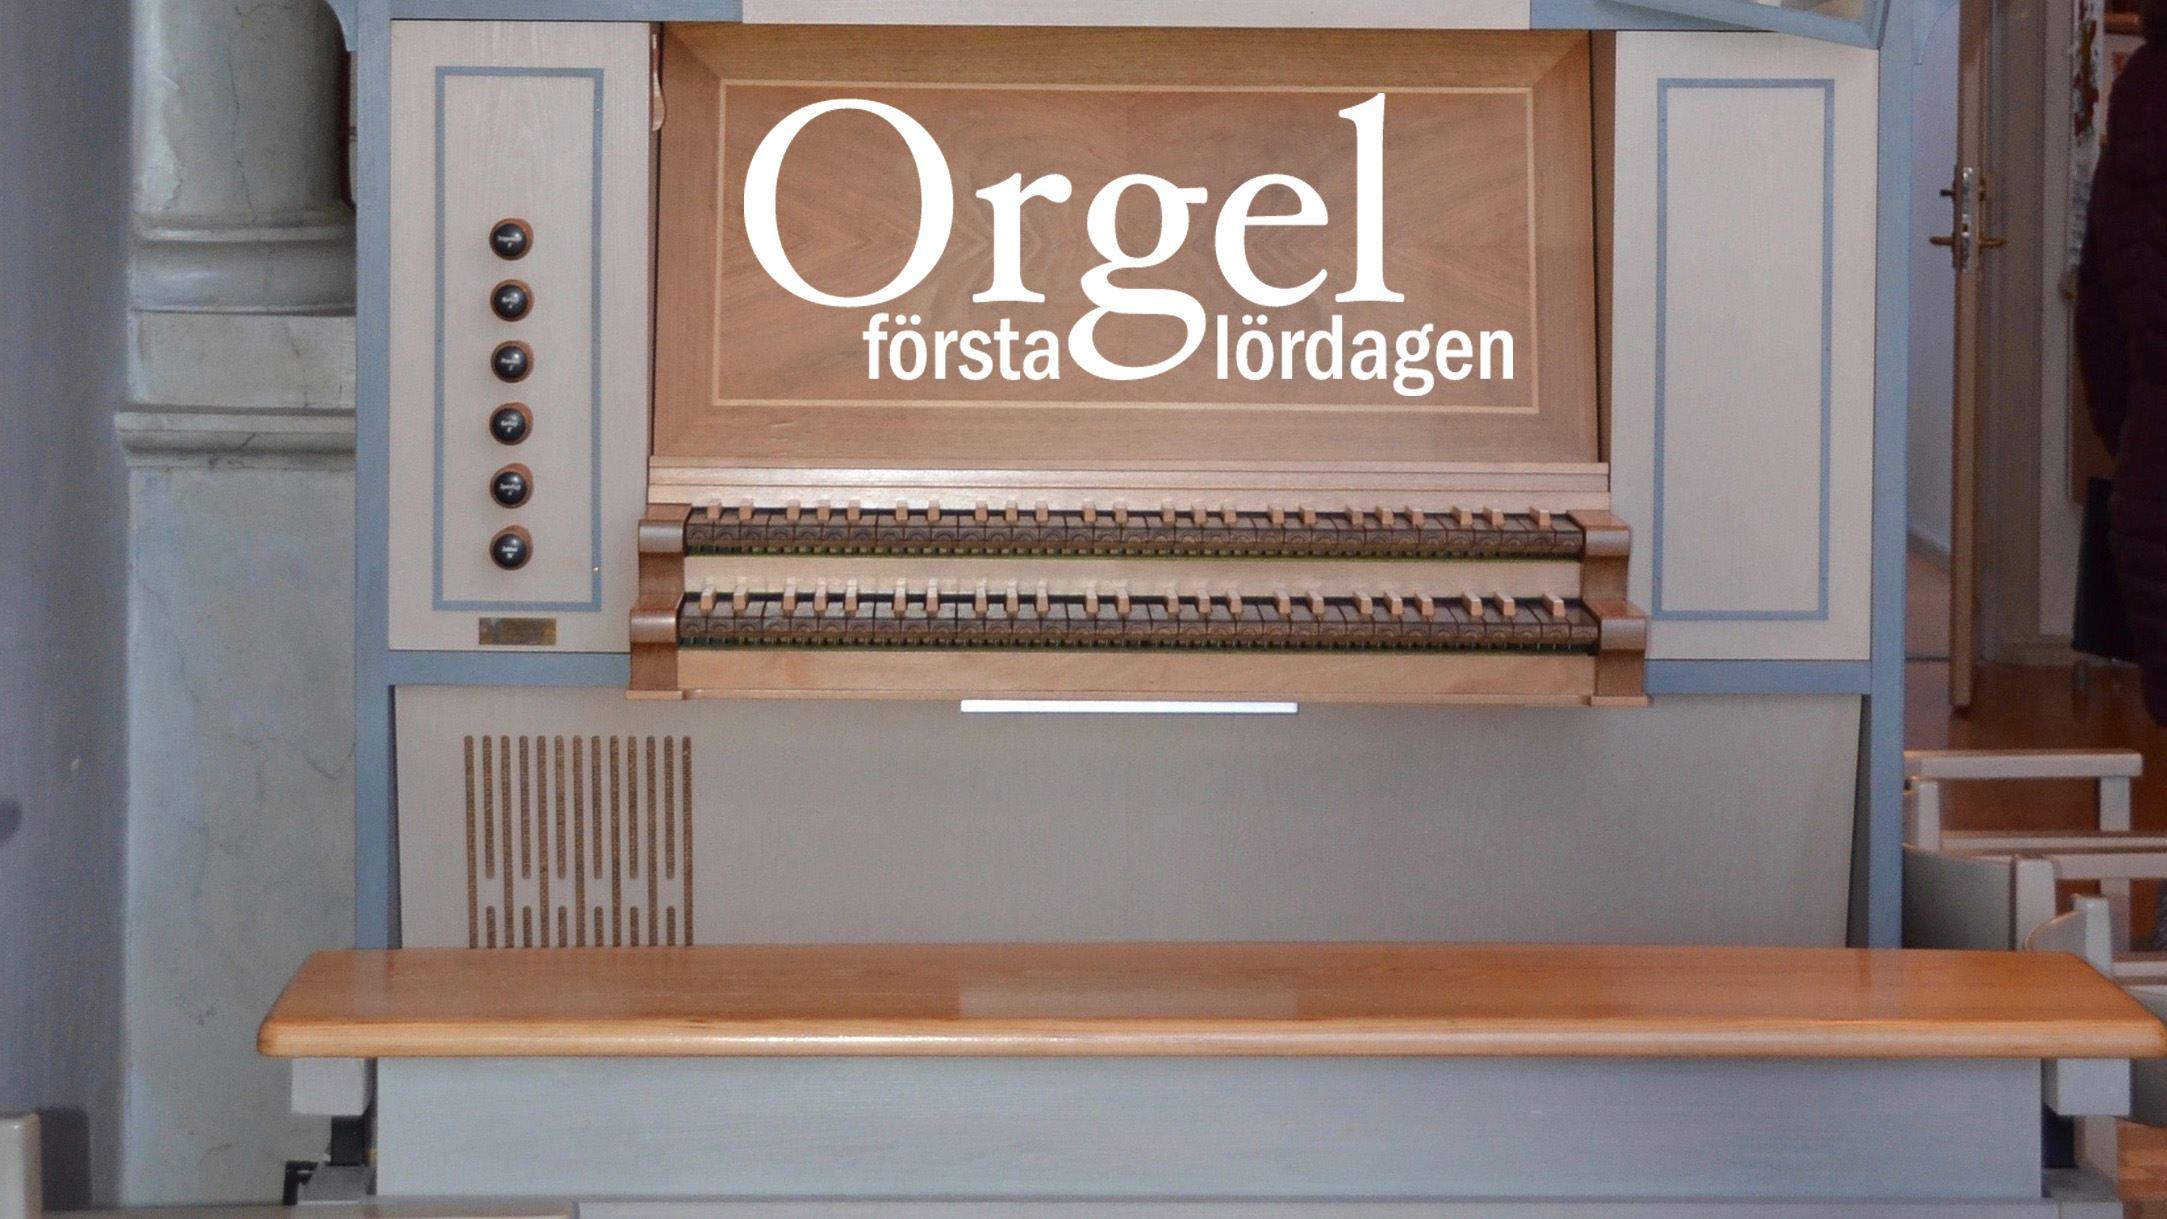 Kyrkomusikerna Jämtland & Härjedalen,  © Kyrkomusikerna Jämtland & Härjedalen, Orgel kall